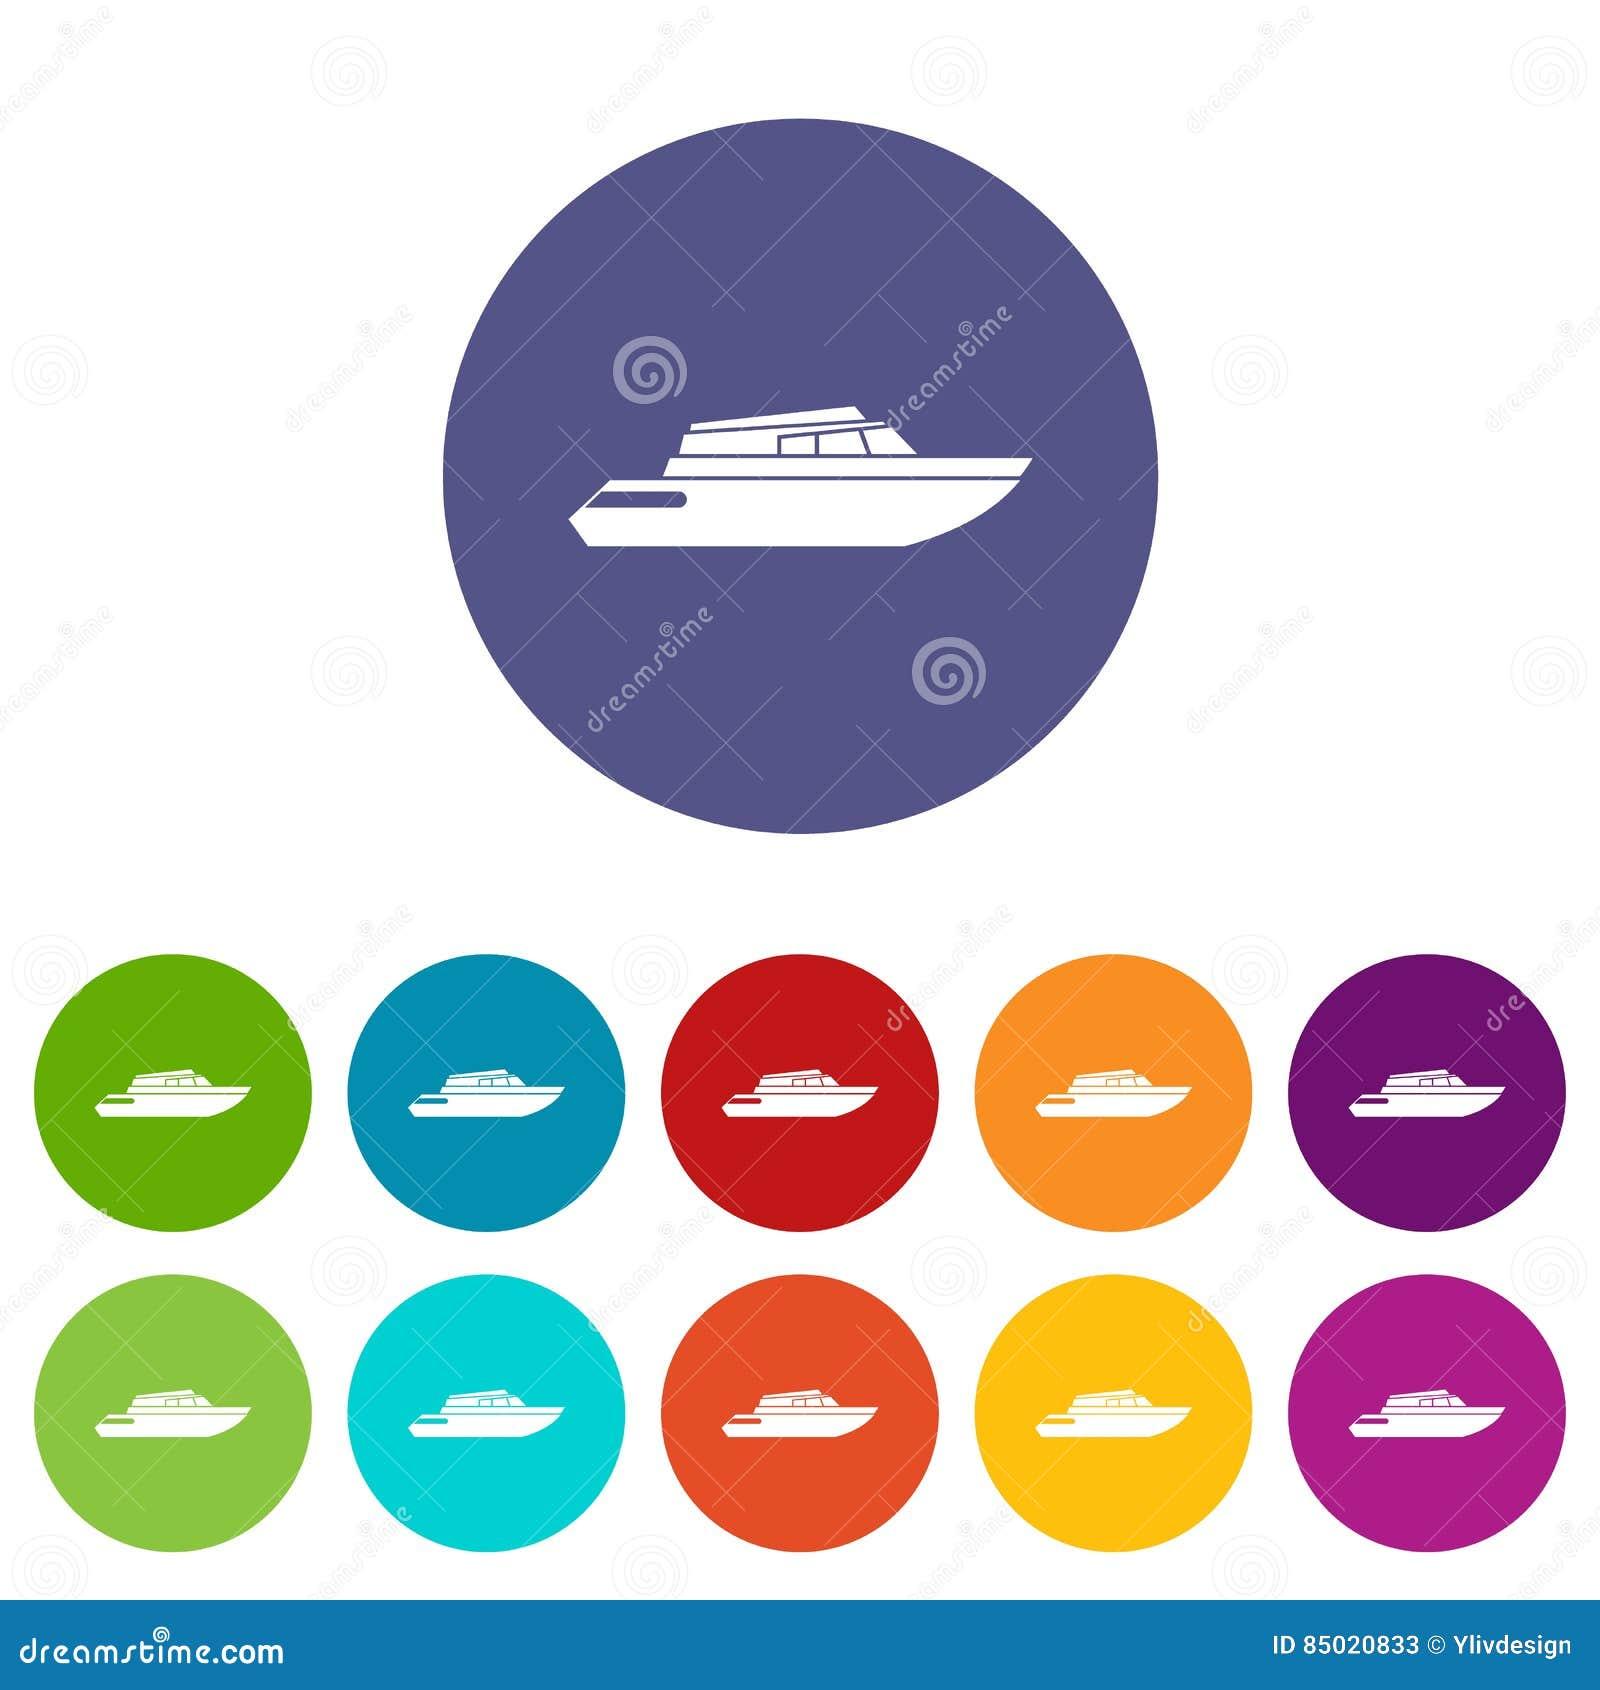 Hyvla fastställda symboler för powerboat